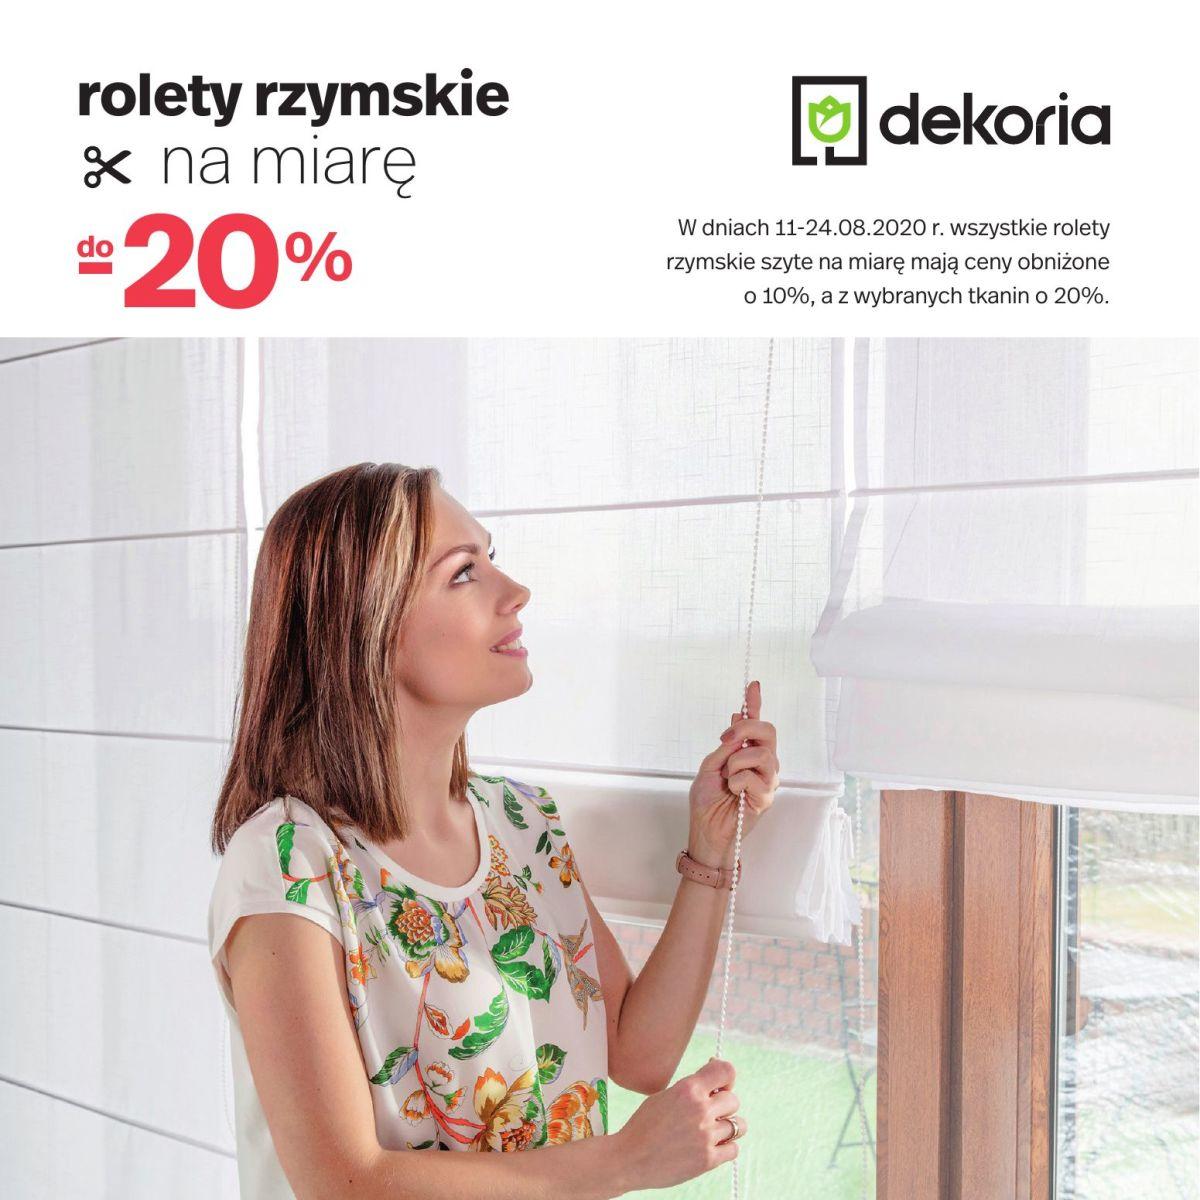 Gazetka dekoria - Rolety rzymskie na miarę do -20%